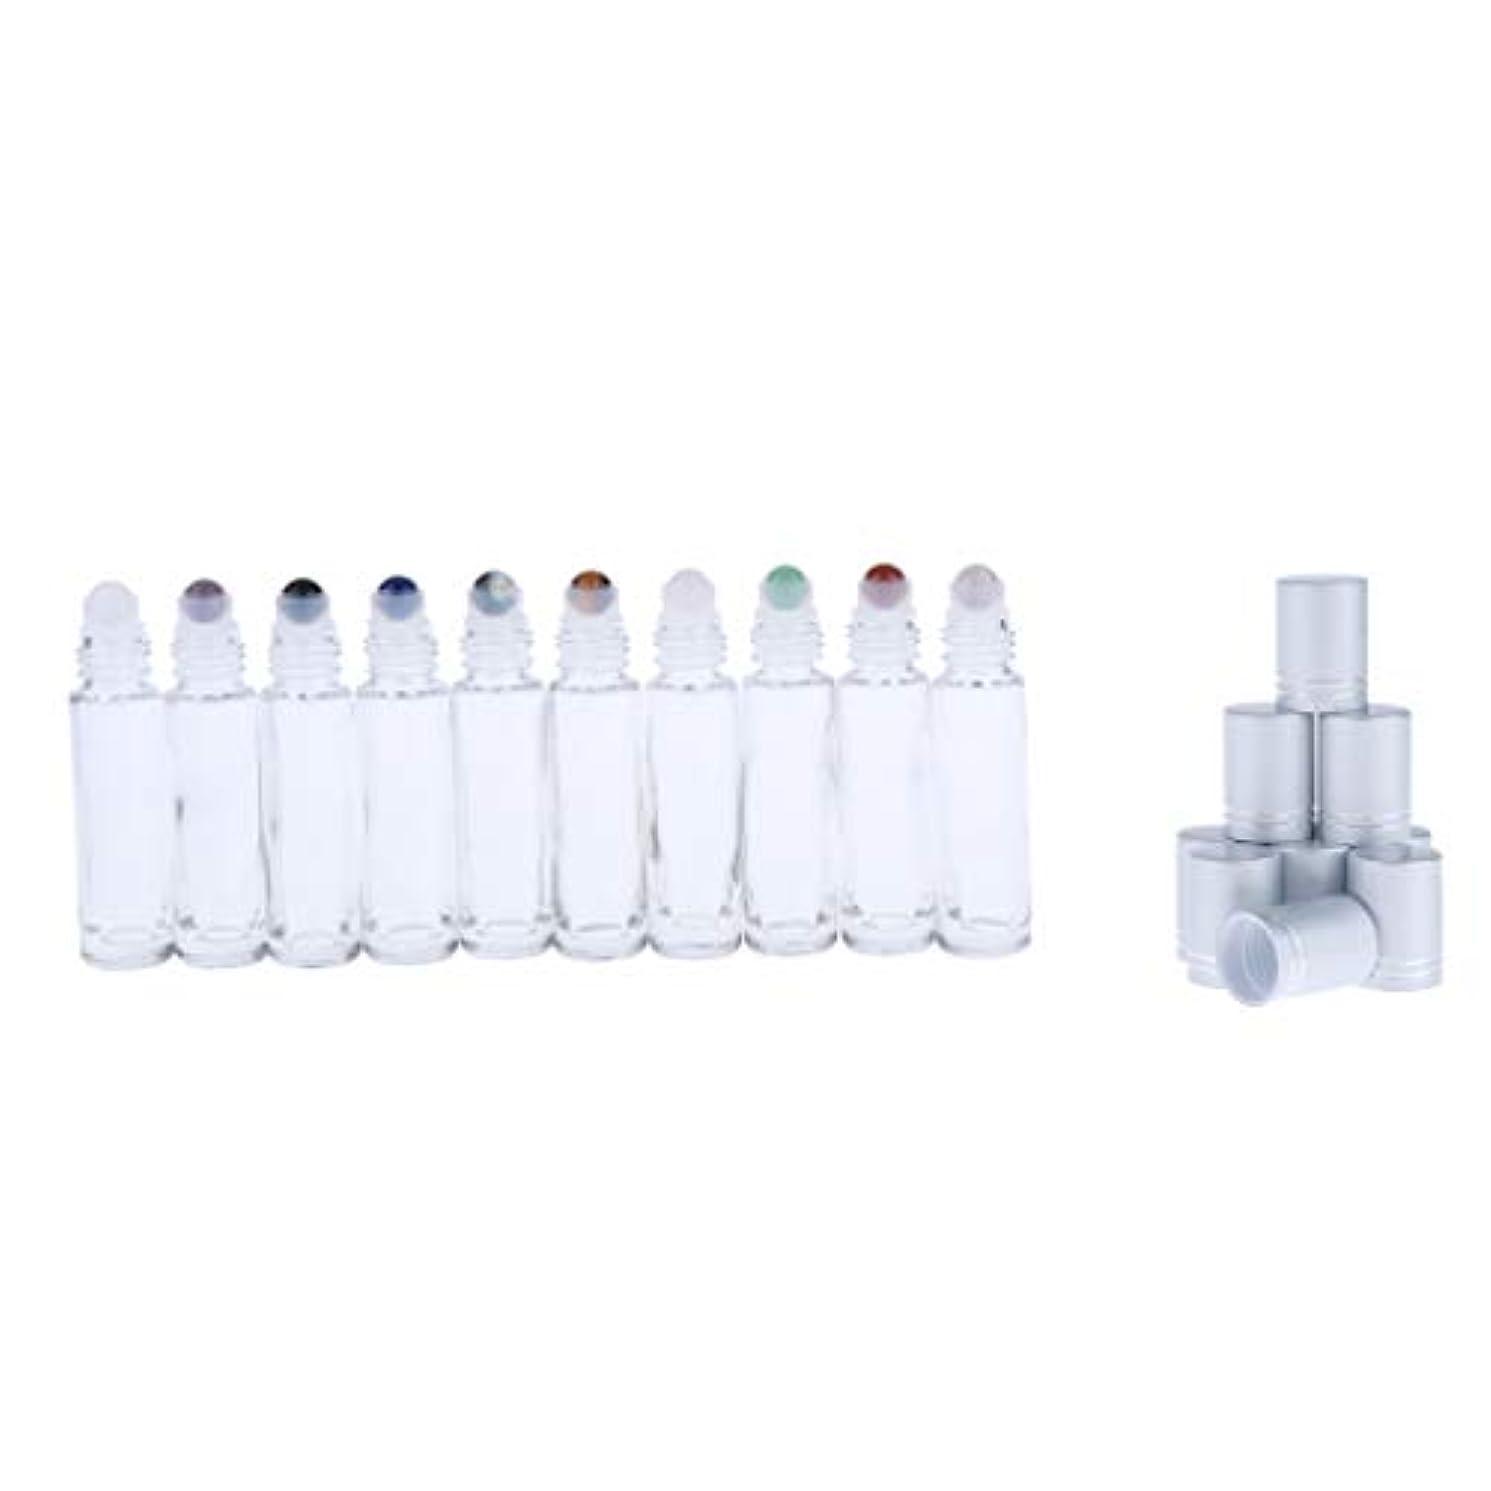 シリーズカウントアップテーブル10ml ロールオンボトル ガラス容器 透明 香水 アロマ 精油 小分け用 見分け携帯便利 10個入